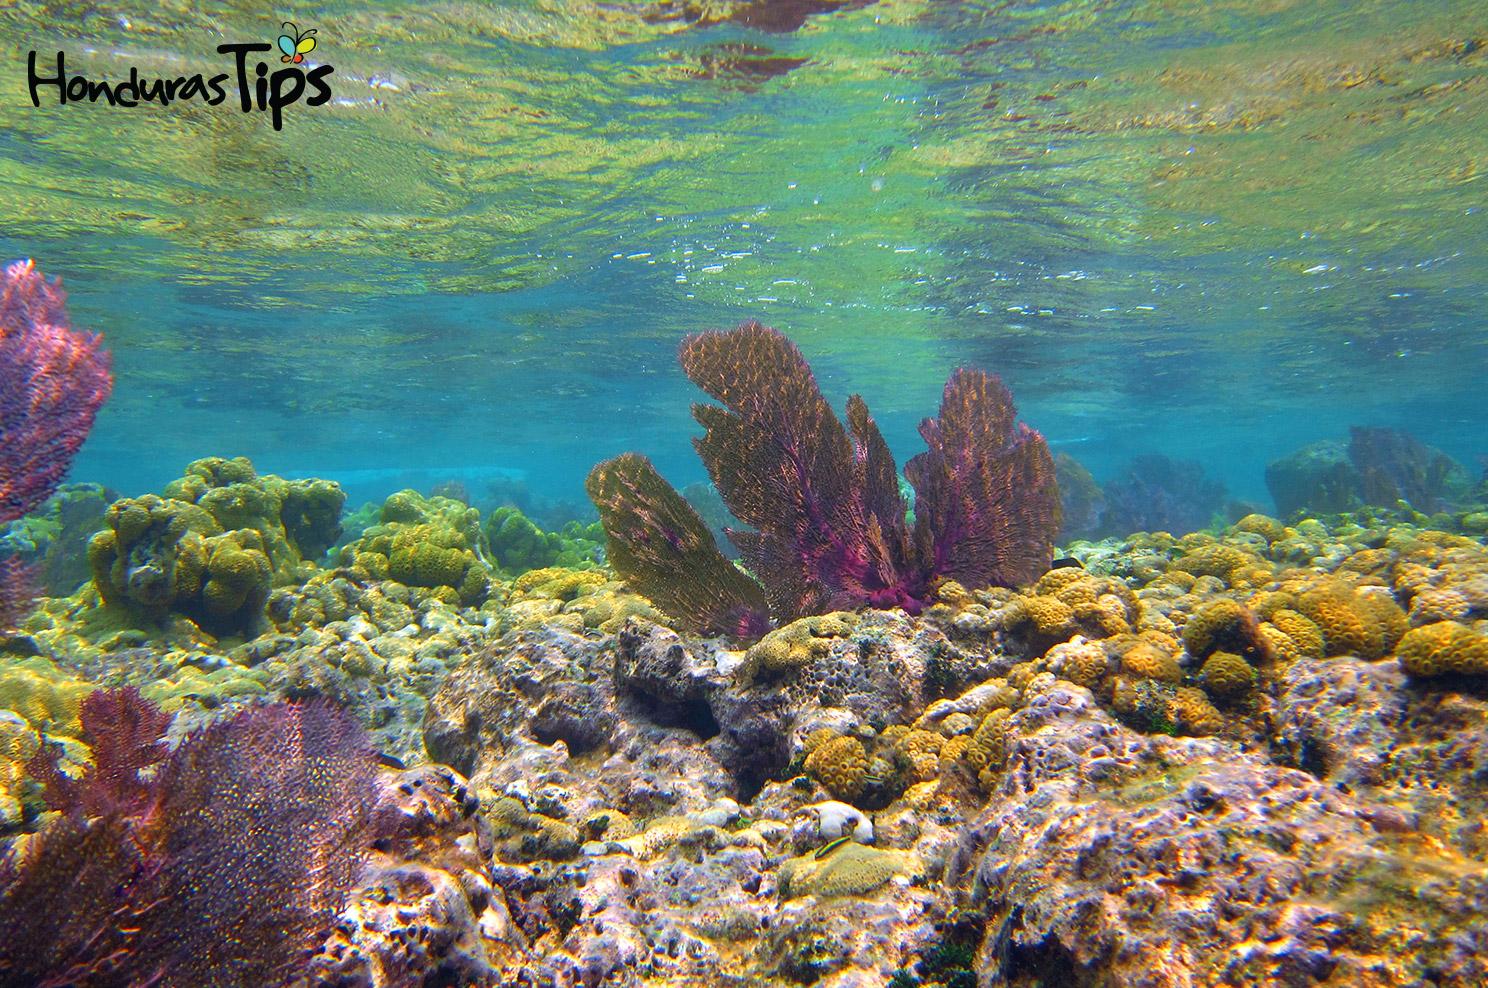 Lo Que Debe Saber Del Segundo Arrecife Más Grande Del Mundo